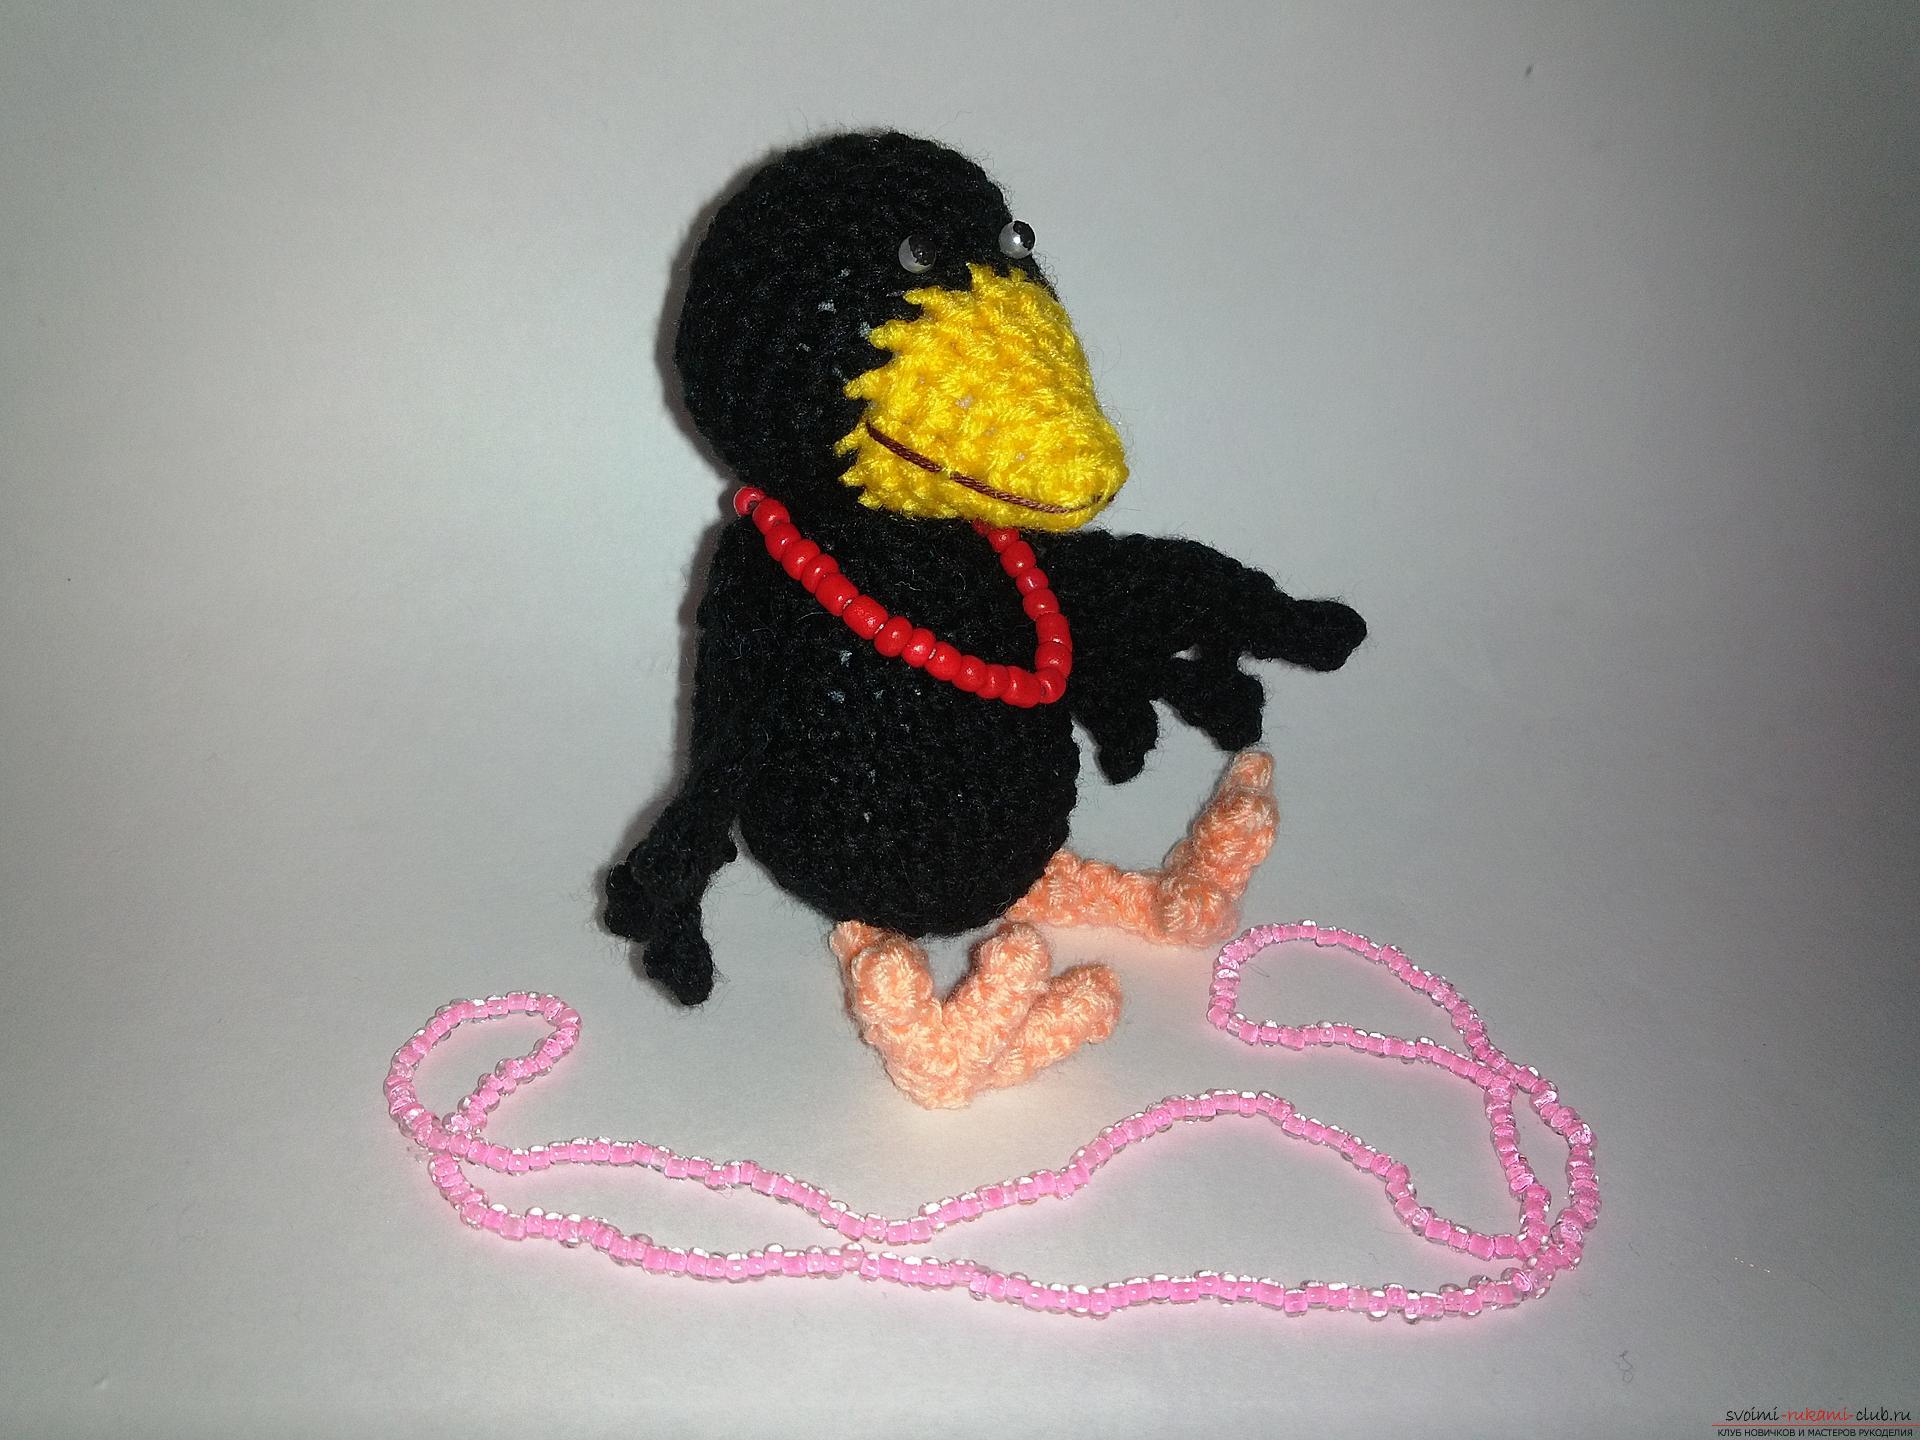 Этот мастер-класс вязаных игрушек научит как создать крючком игрушку - ворону. Фото №1